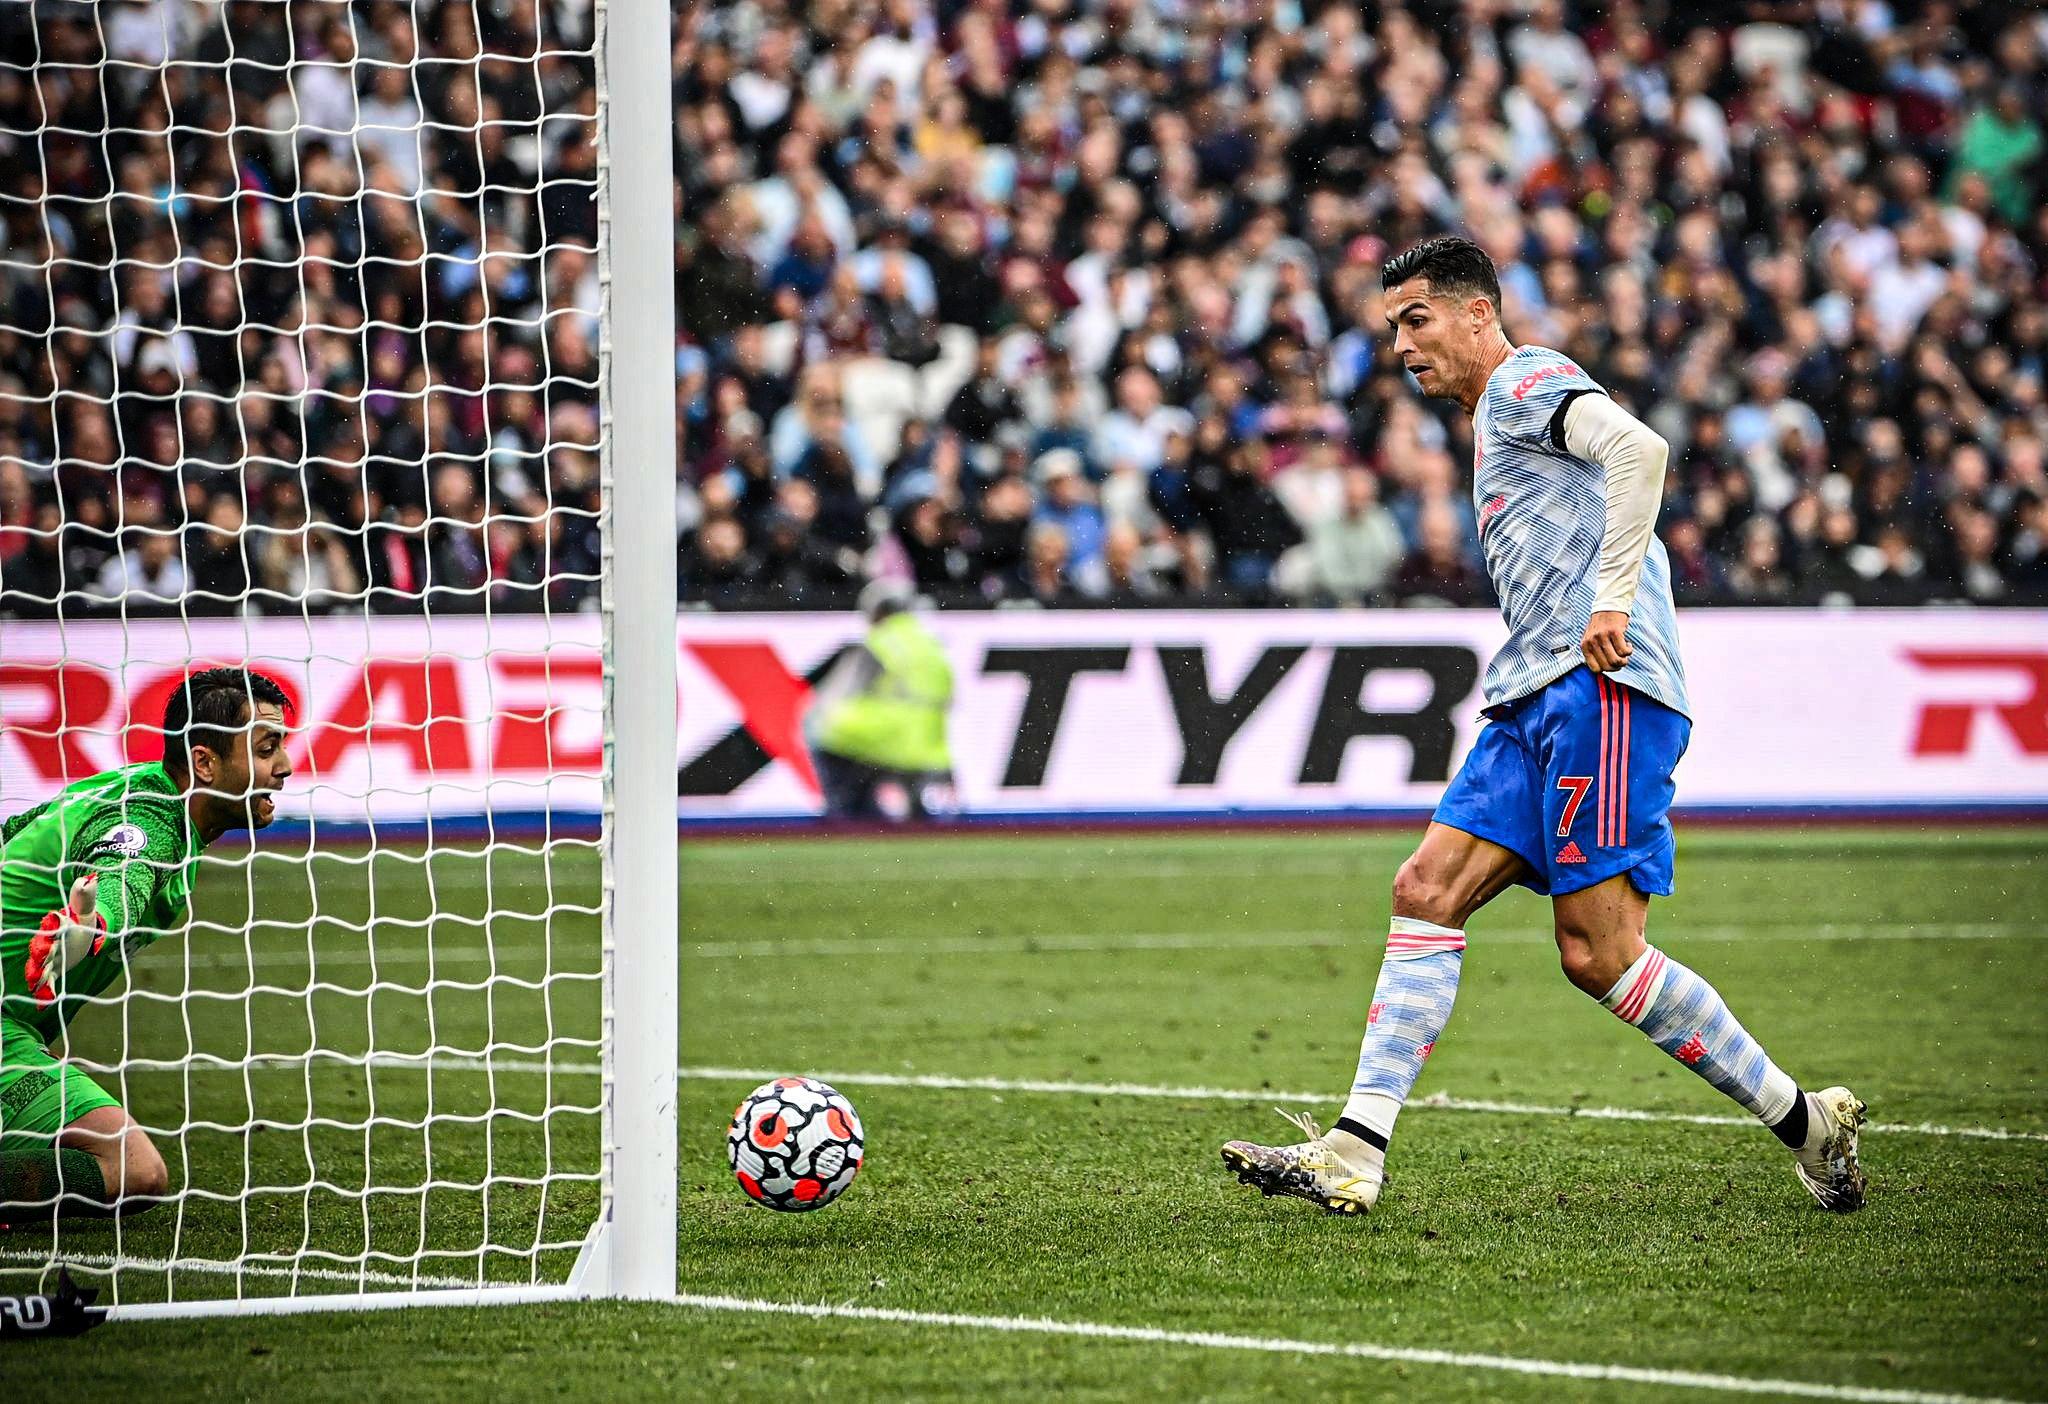 Kush tjetër perveç Ronaldos, Man United barazon rezultatin përballë West Ham (VIDEO)